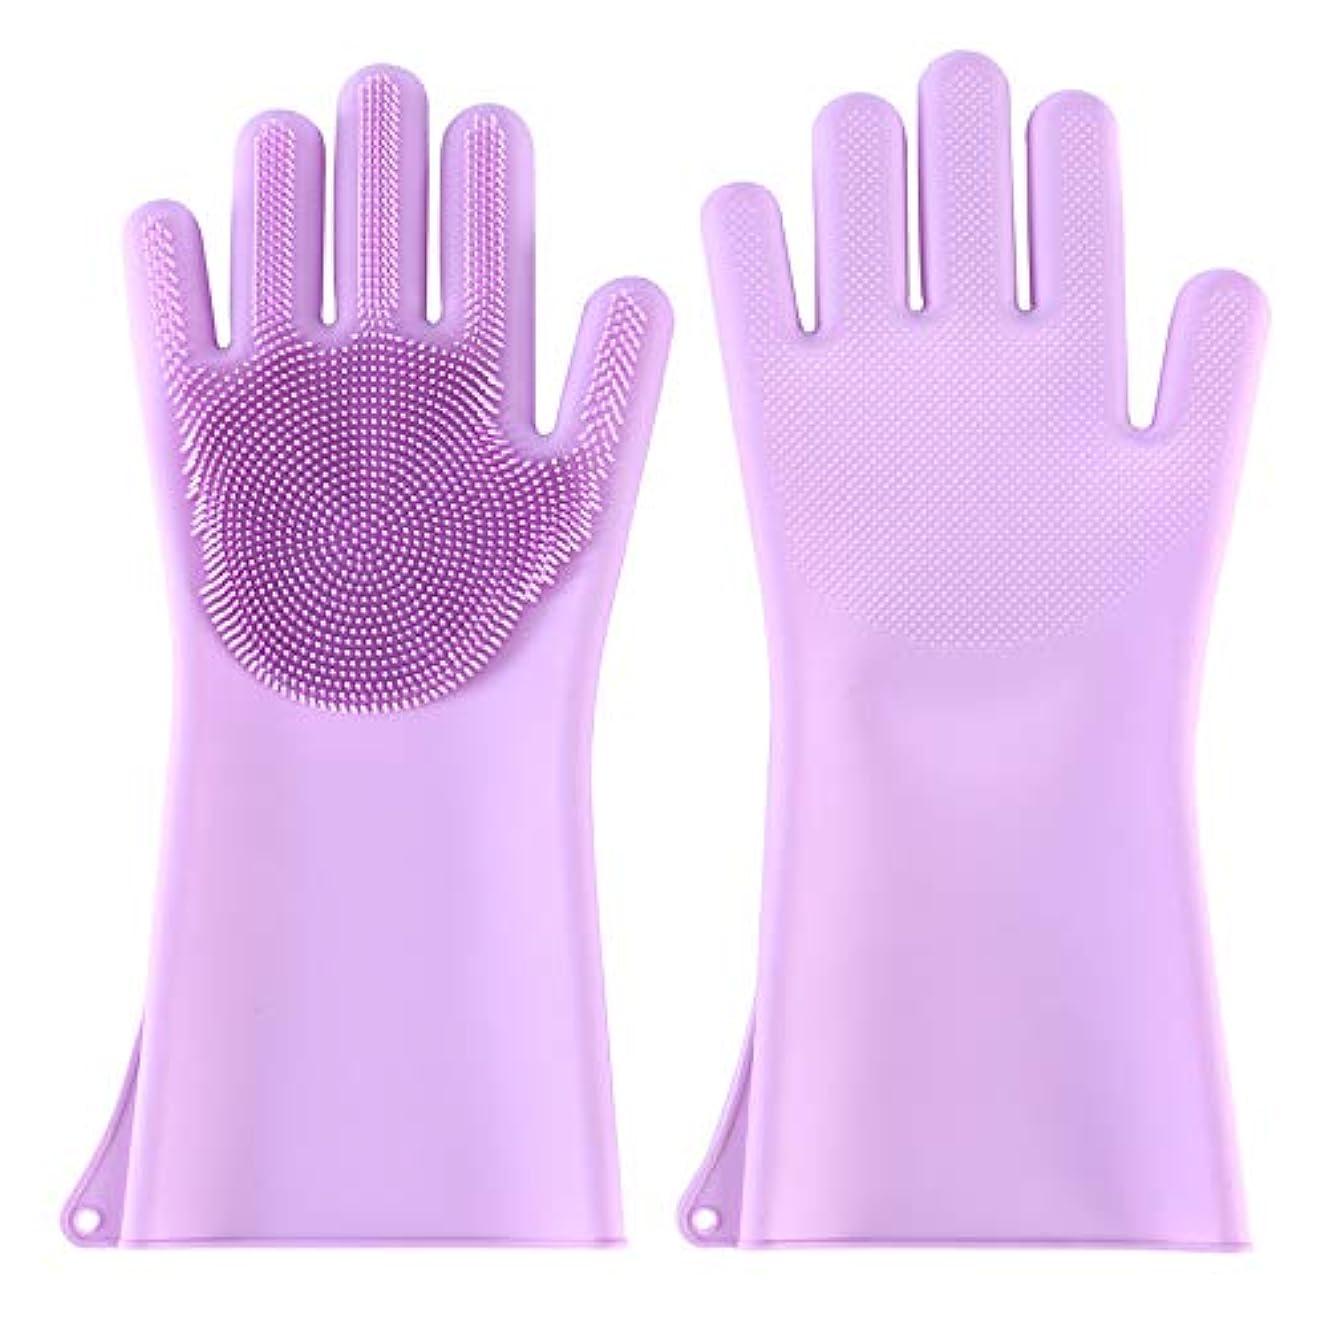 パントリー侵略ひどいBTXXYJP ペット ブラシ 手袋 猫 ブラシ グローブ 耐摩耗 クリーナー 抜け毛取り マッサージブラシ 犬 グローブ お手入れ (Color : Purple)